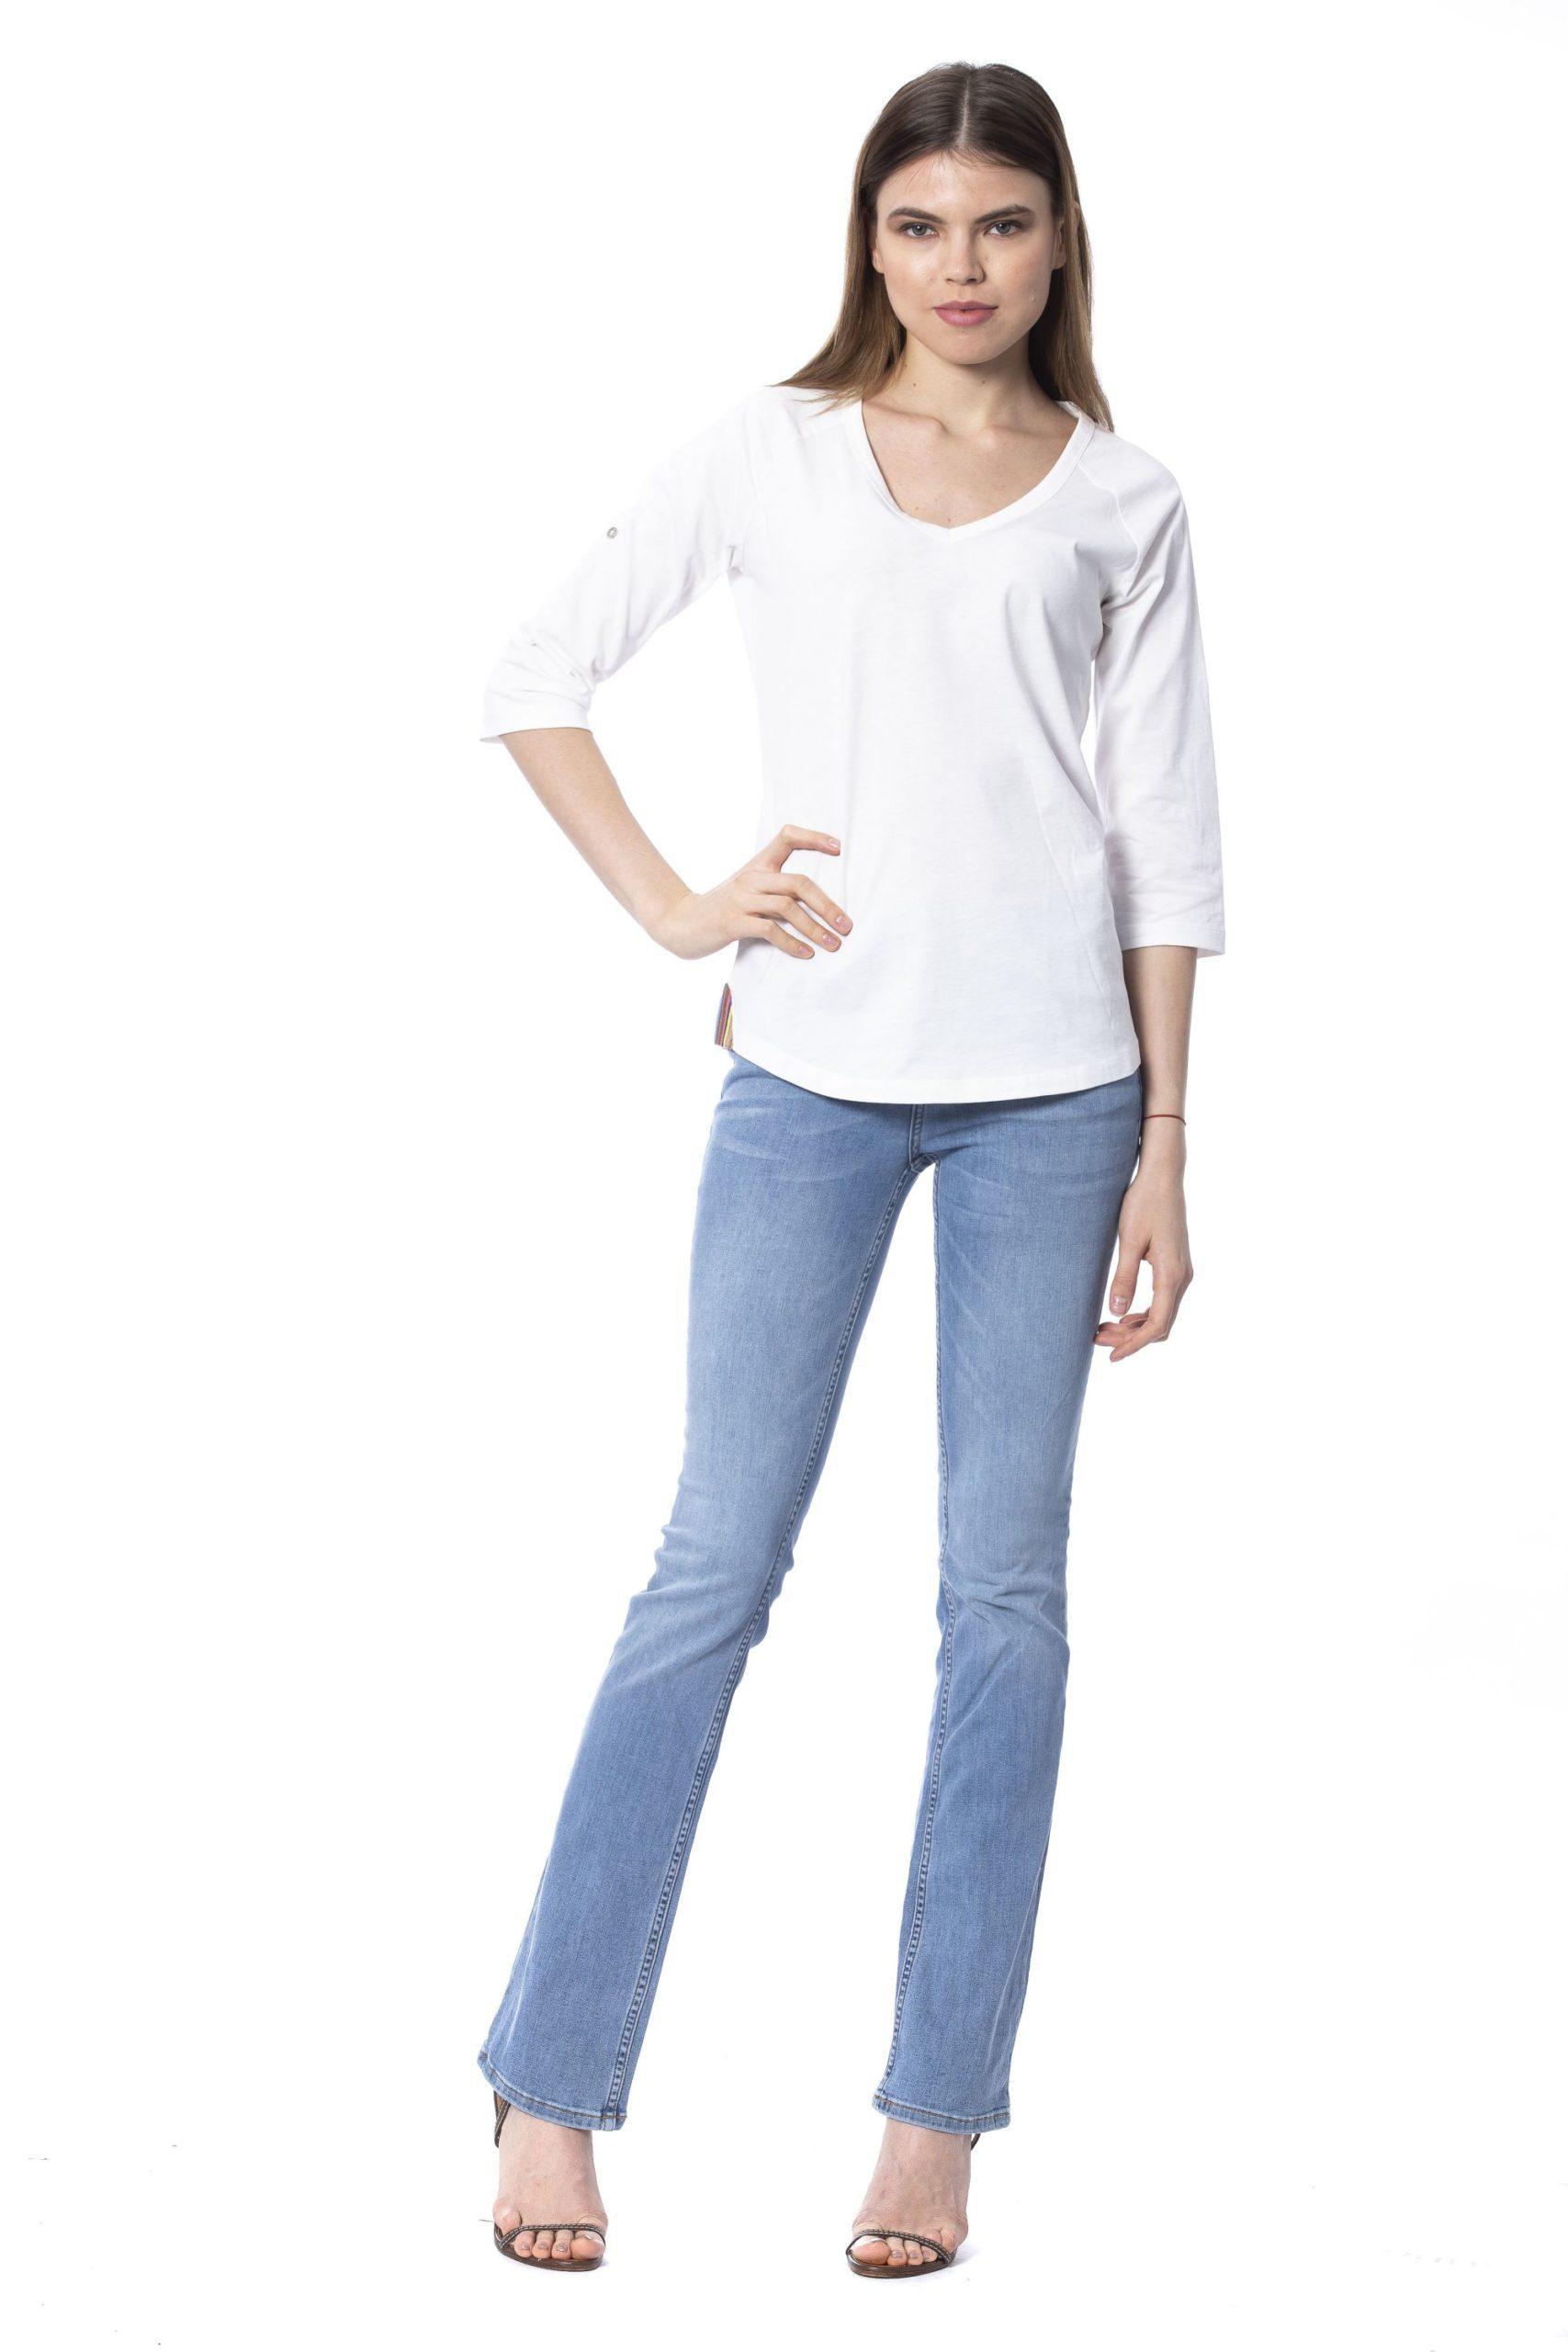 Silvian Heach Women's Milk T-Shirt White SI1235310 - XXS